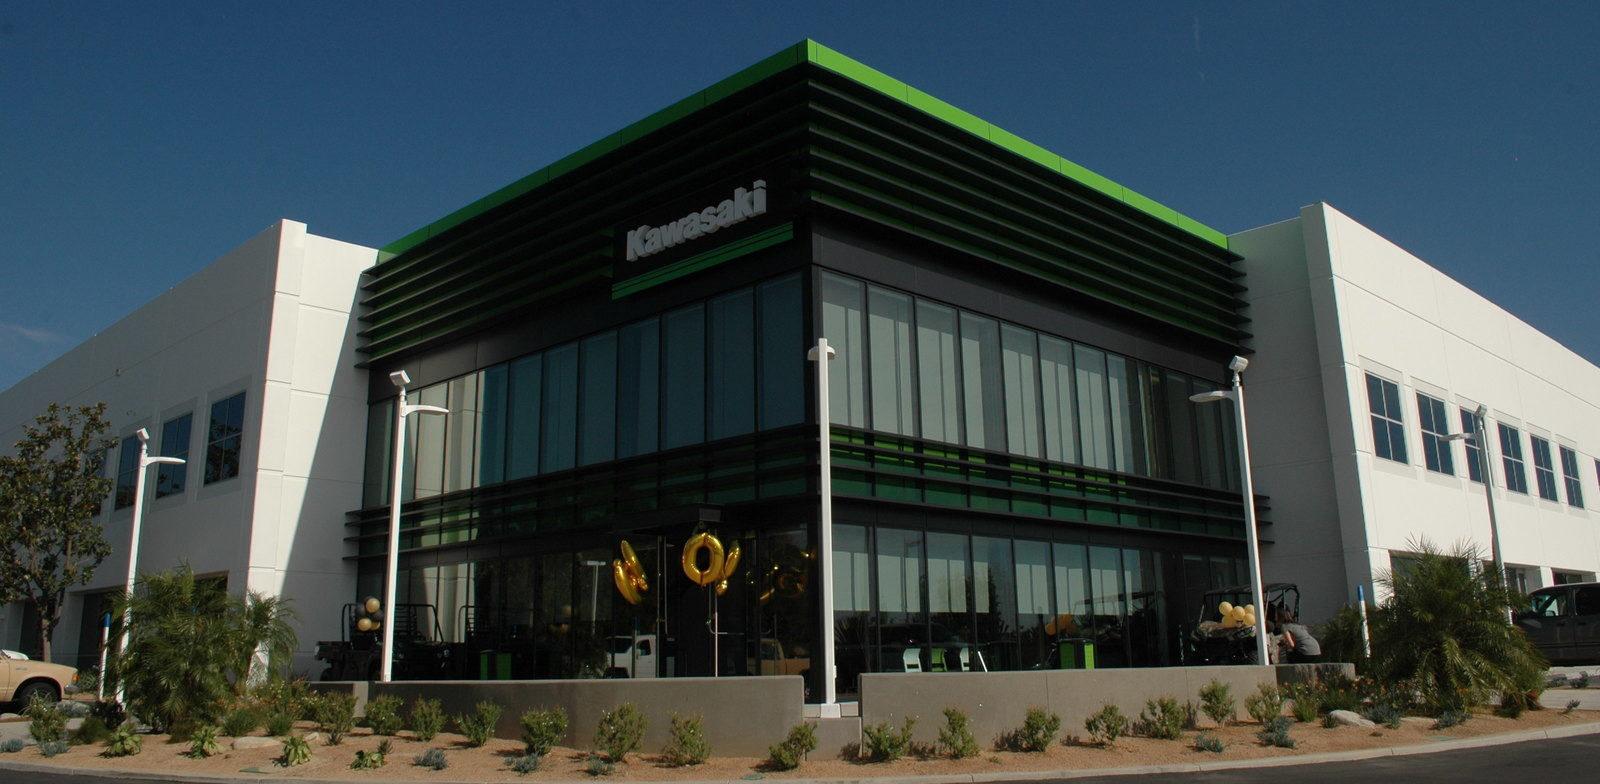 Kawasaki Motors Corp., U.S.A. headquarters in Foothill Ranch, California. Photo by David Swarts.